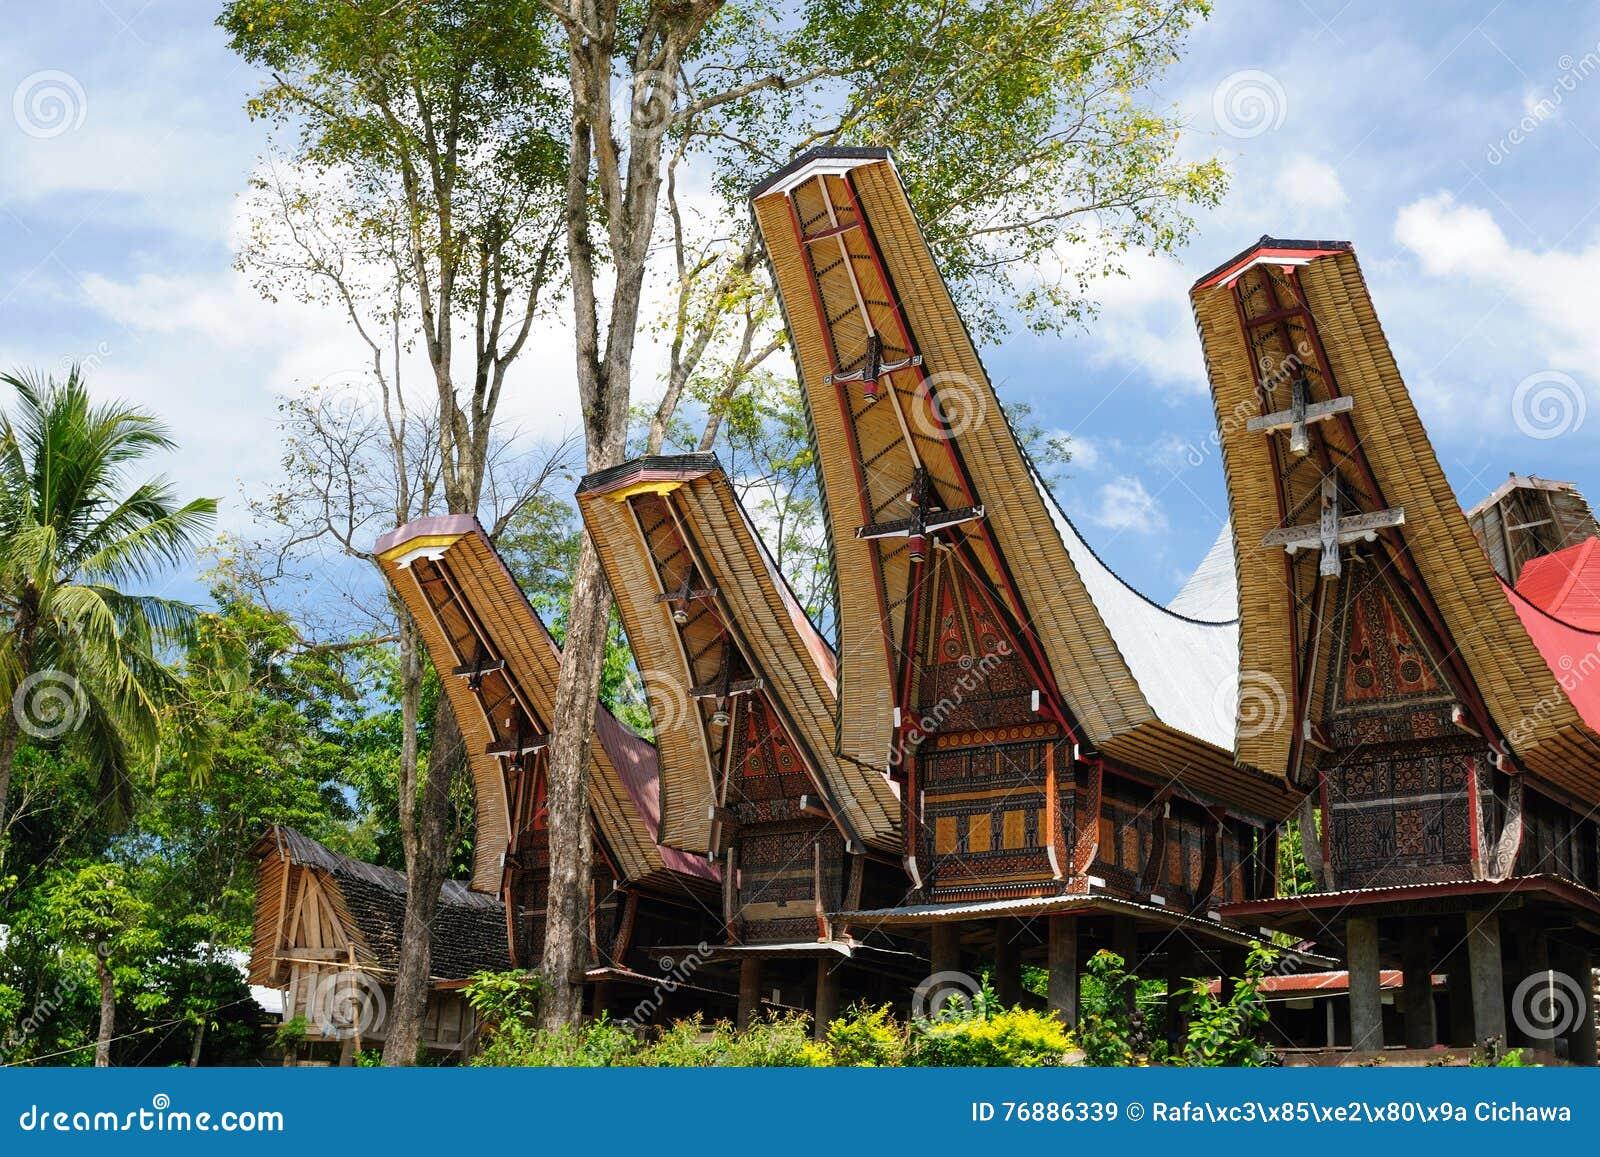 印度尼西亚,苏拉威西岛,塔娜Toraja,传统村庄